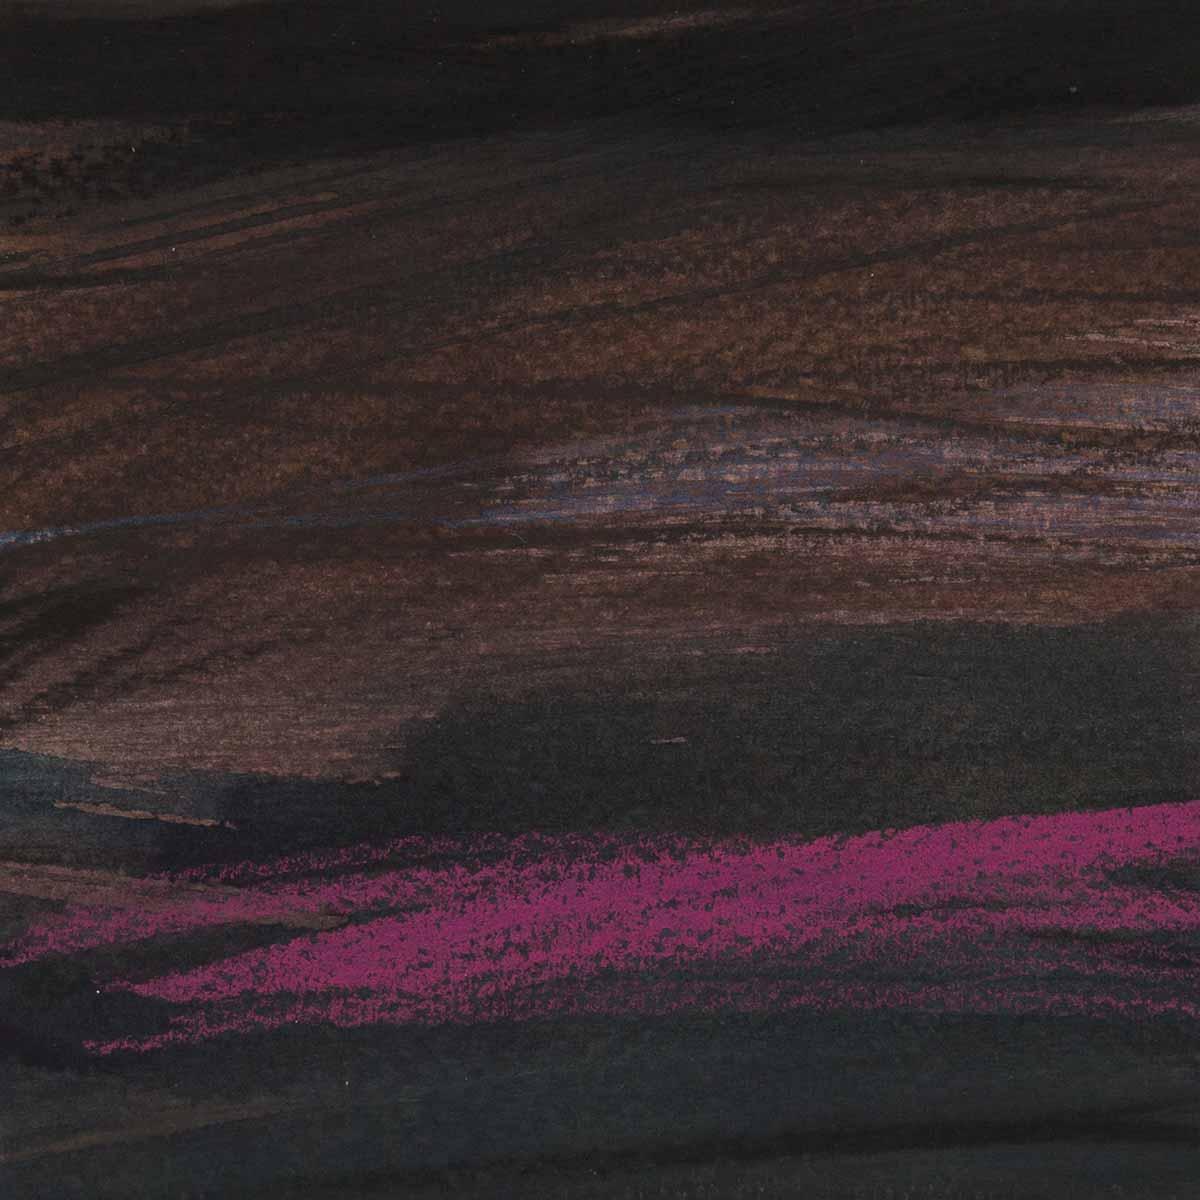 10 x 10 cm, aquarelle et crayons sur papier, 16 oct 14